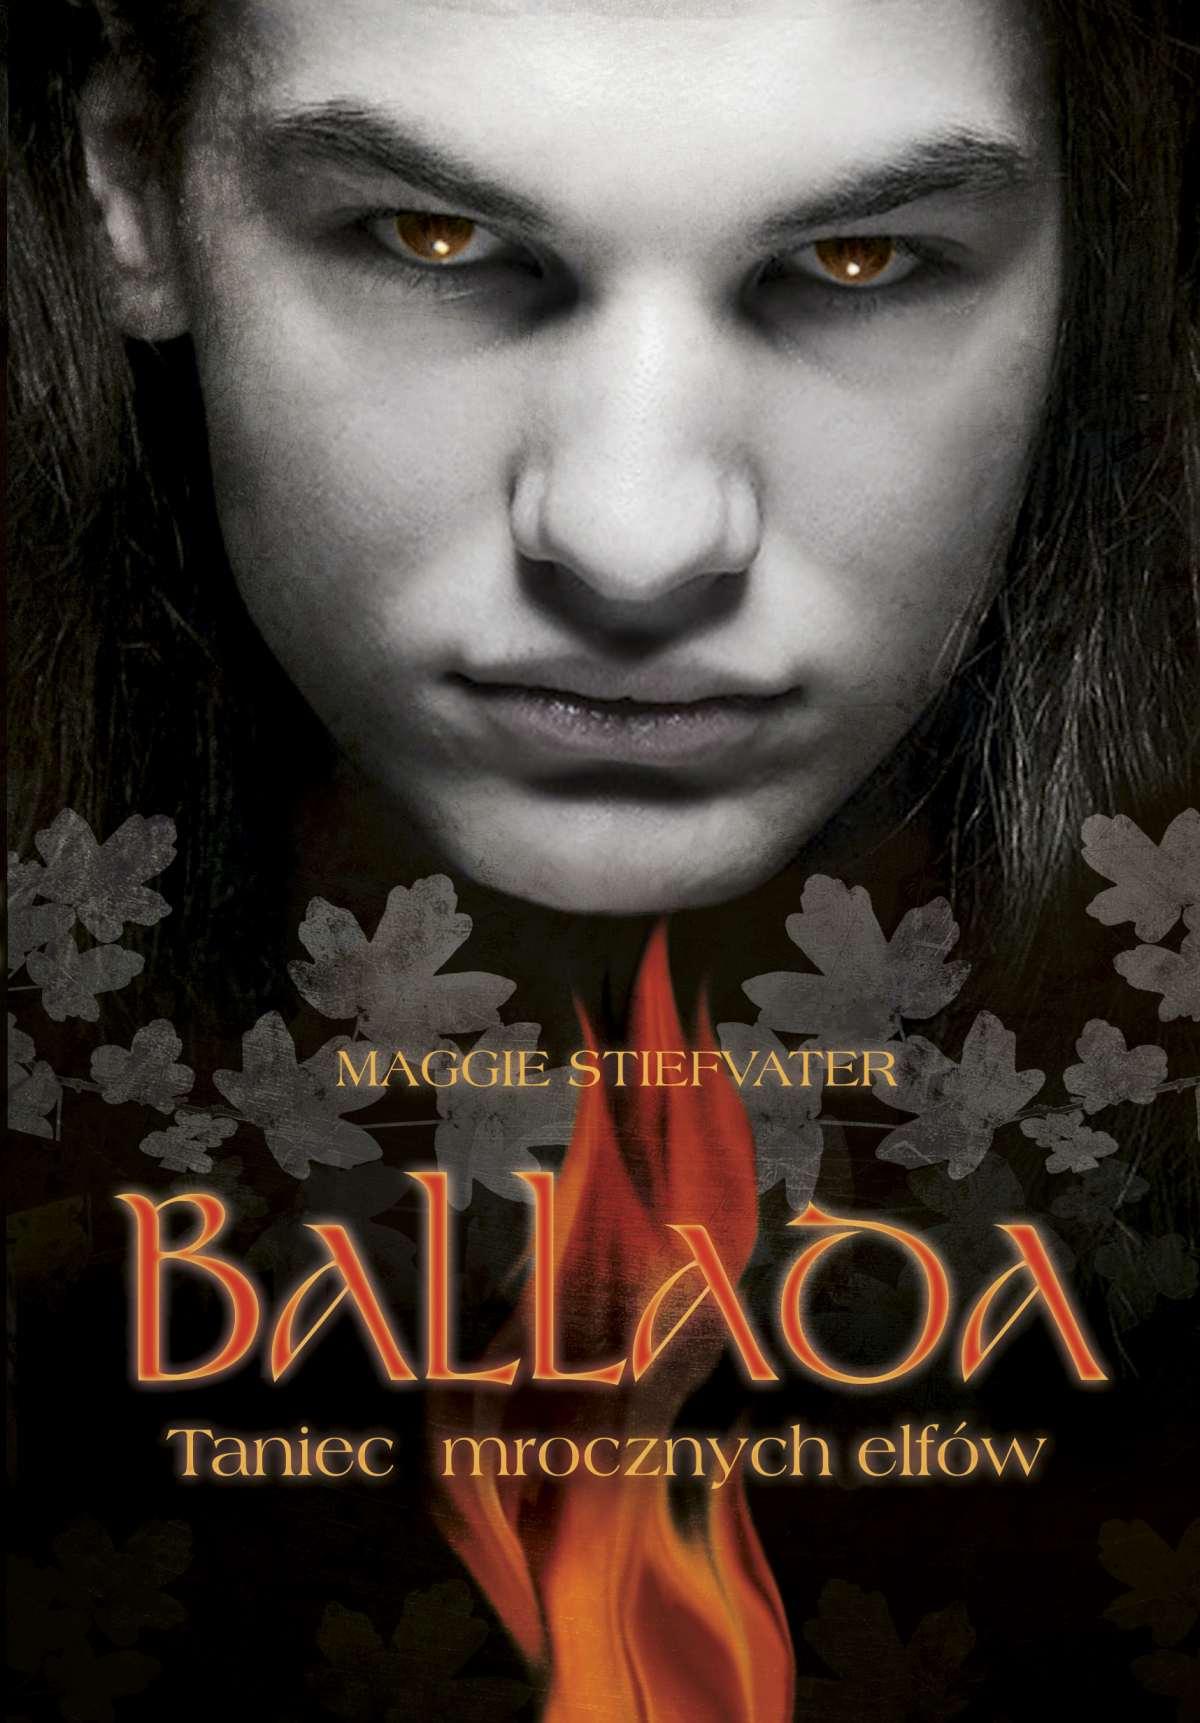 Ballada. Taniec mrocznych elfów - Ebook (Książka EPUB) do pobrania w formacie EPUB